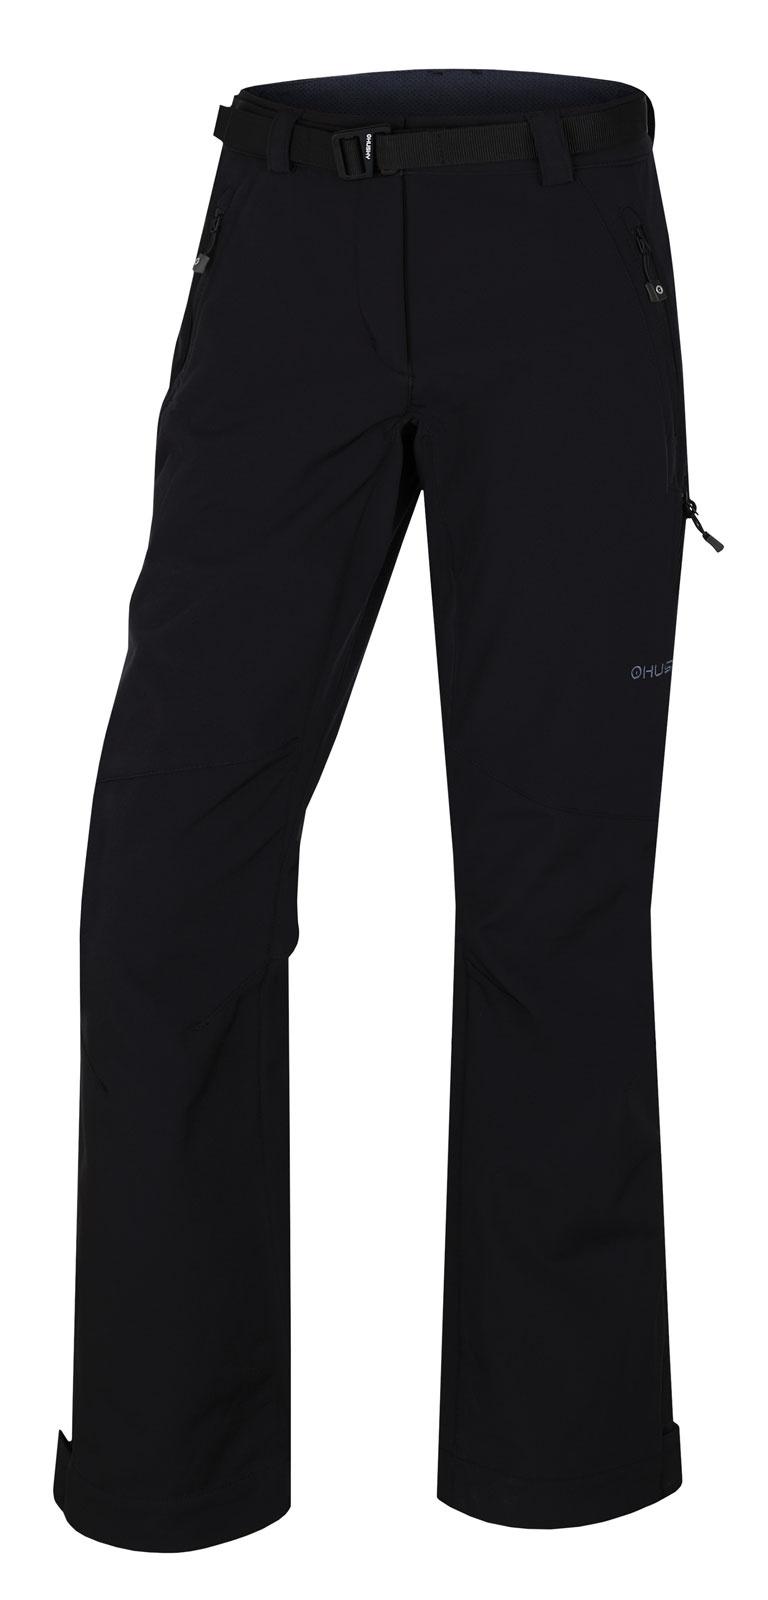 Husky Dámské outdoor kalhoty   Kresi L černá